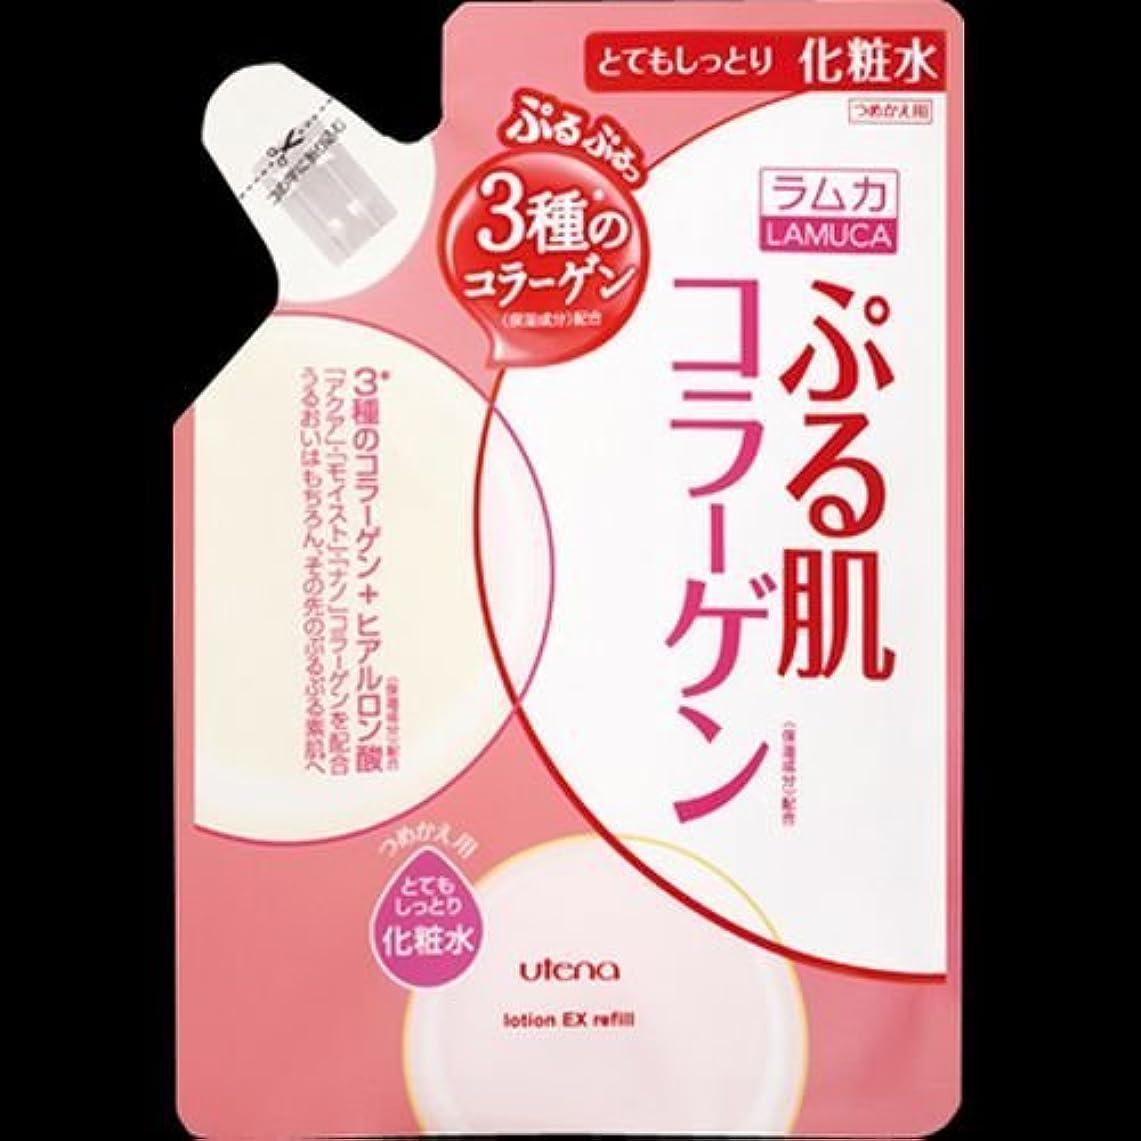 不変人道的デュアル【まとめ買い】ラムカぷる肌化粧水とてもしっとり替 ×2セット